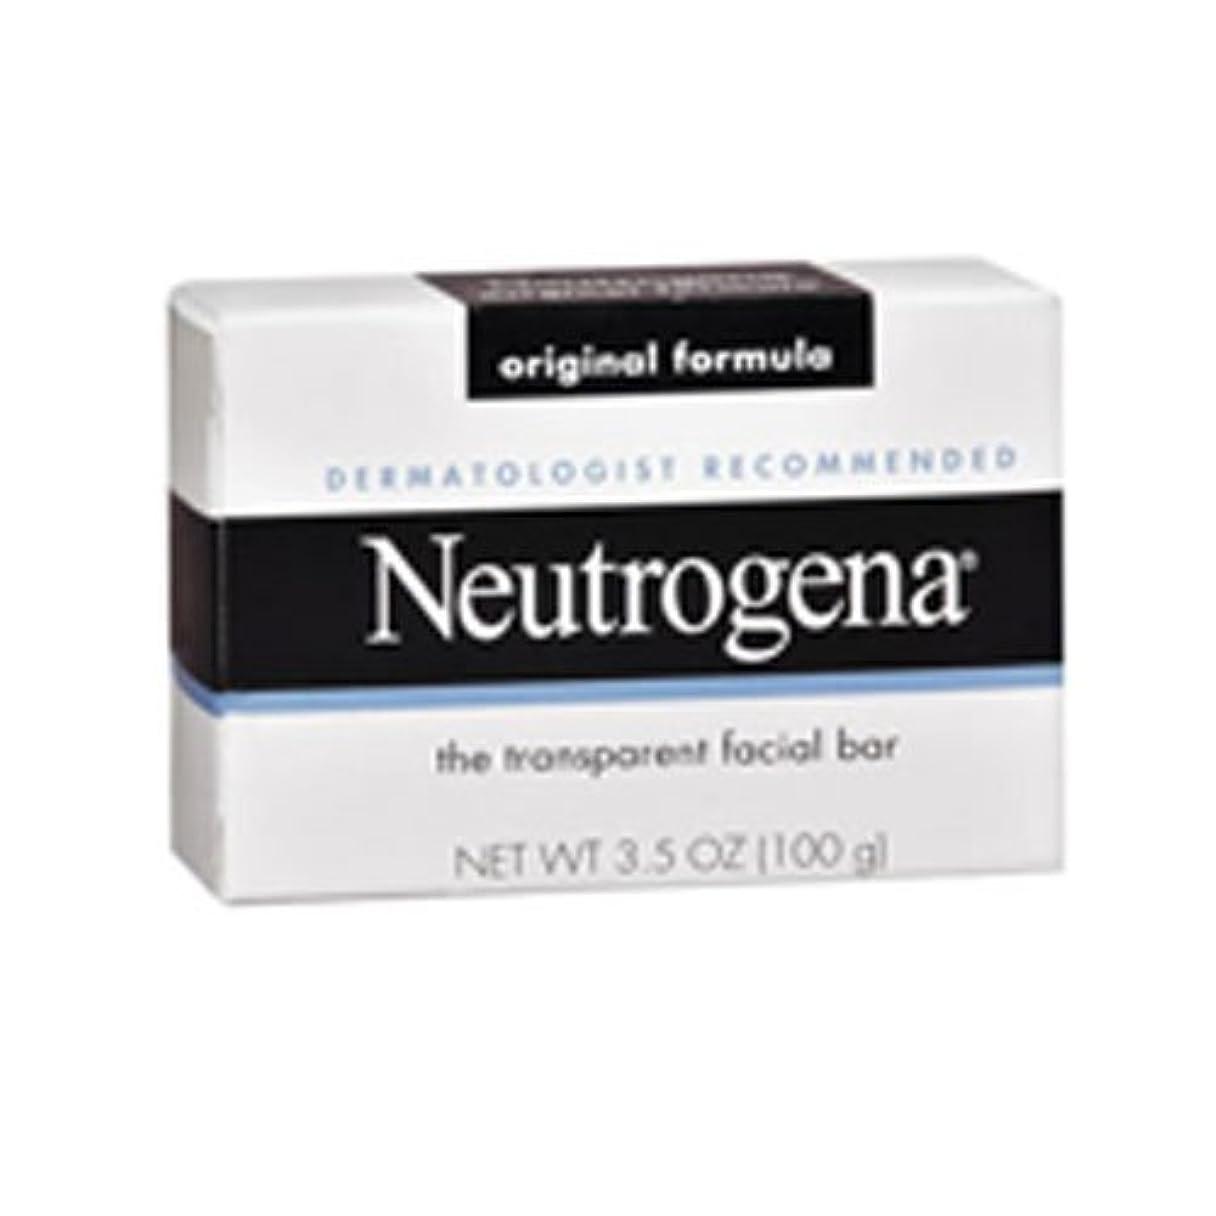 驚くべき不利シェル海外直送肘 Neutrogena Transparent Facial Soap Bar, 3.5 oz